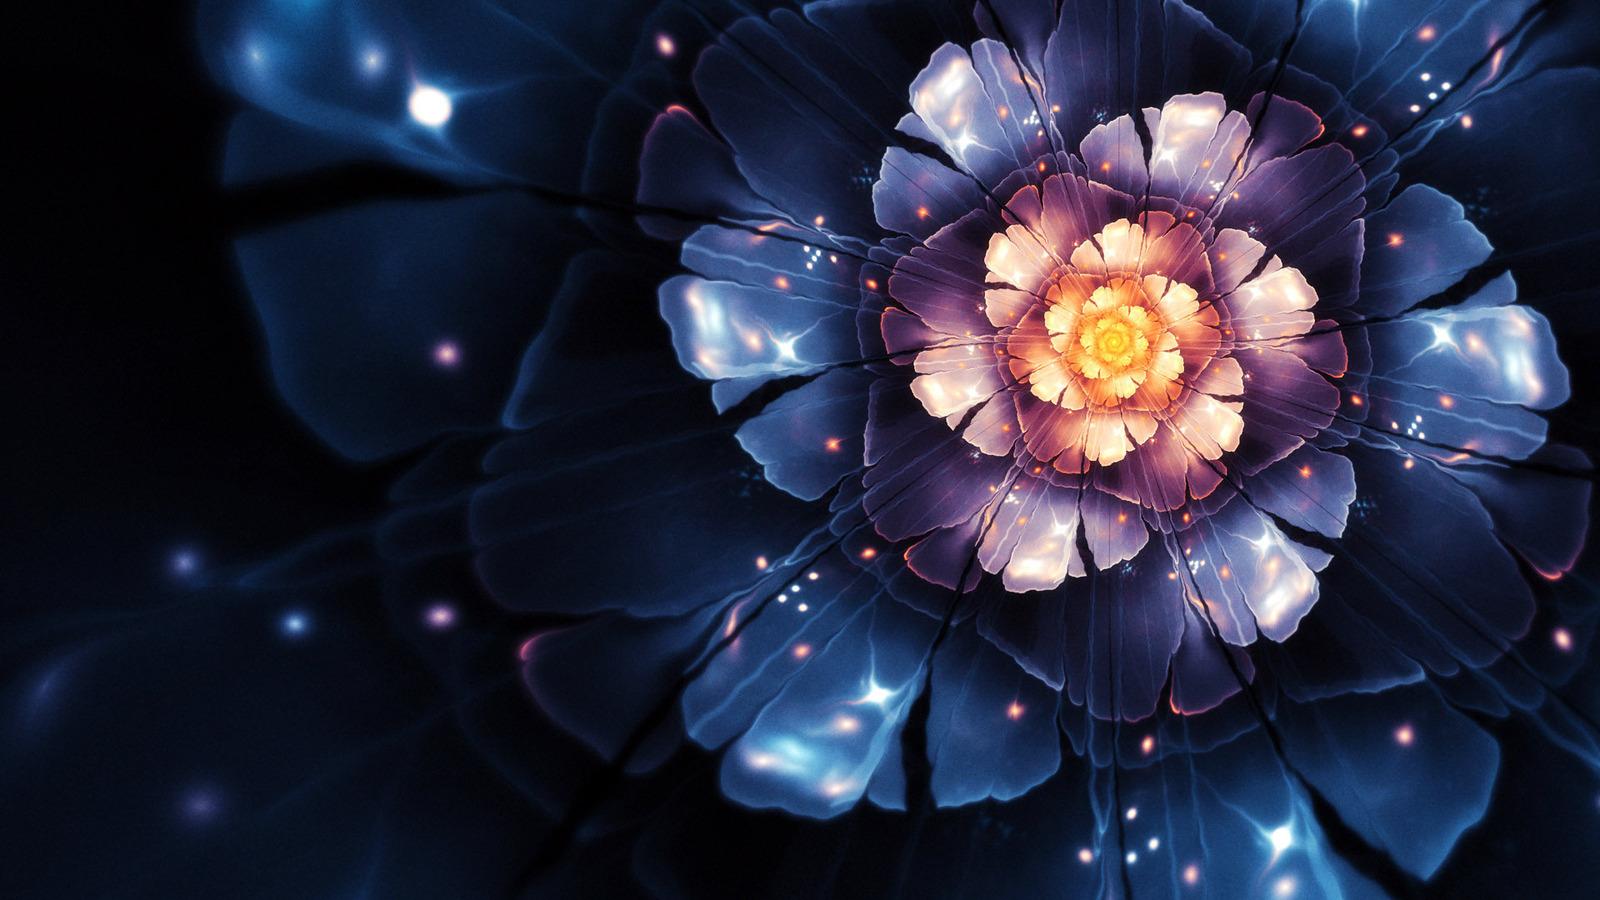 Flower Abstract 389047 Wallpaper wallpaper